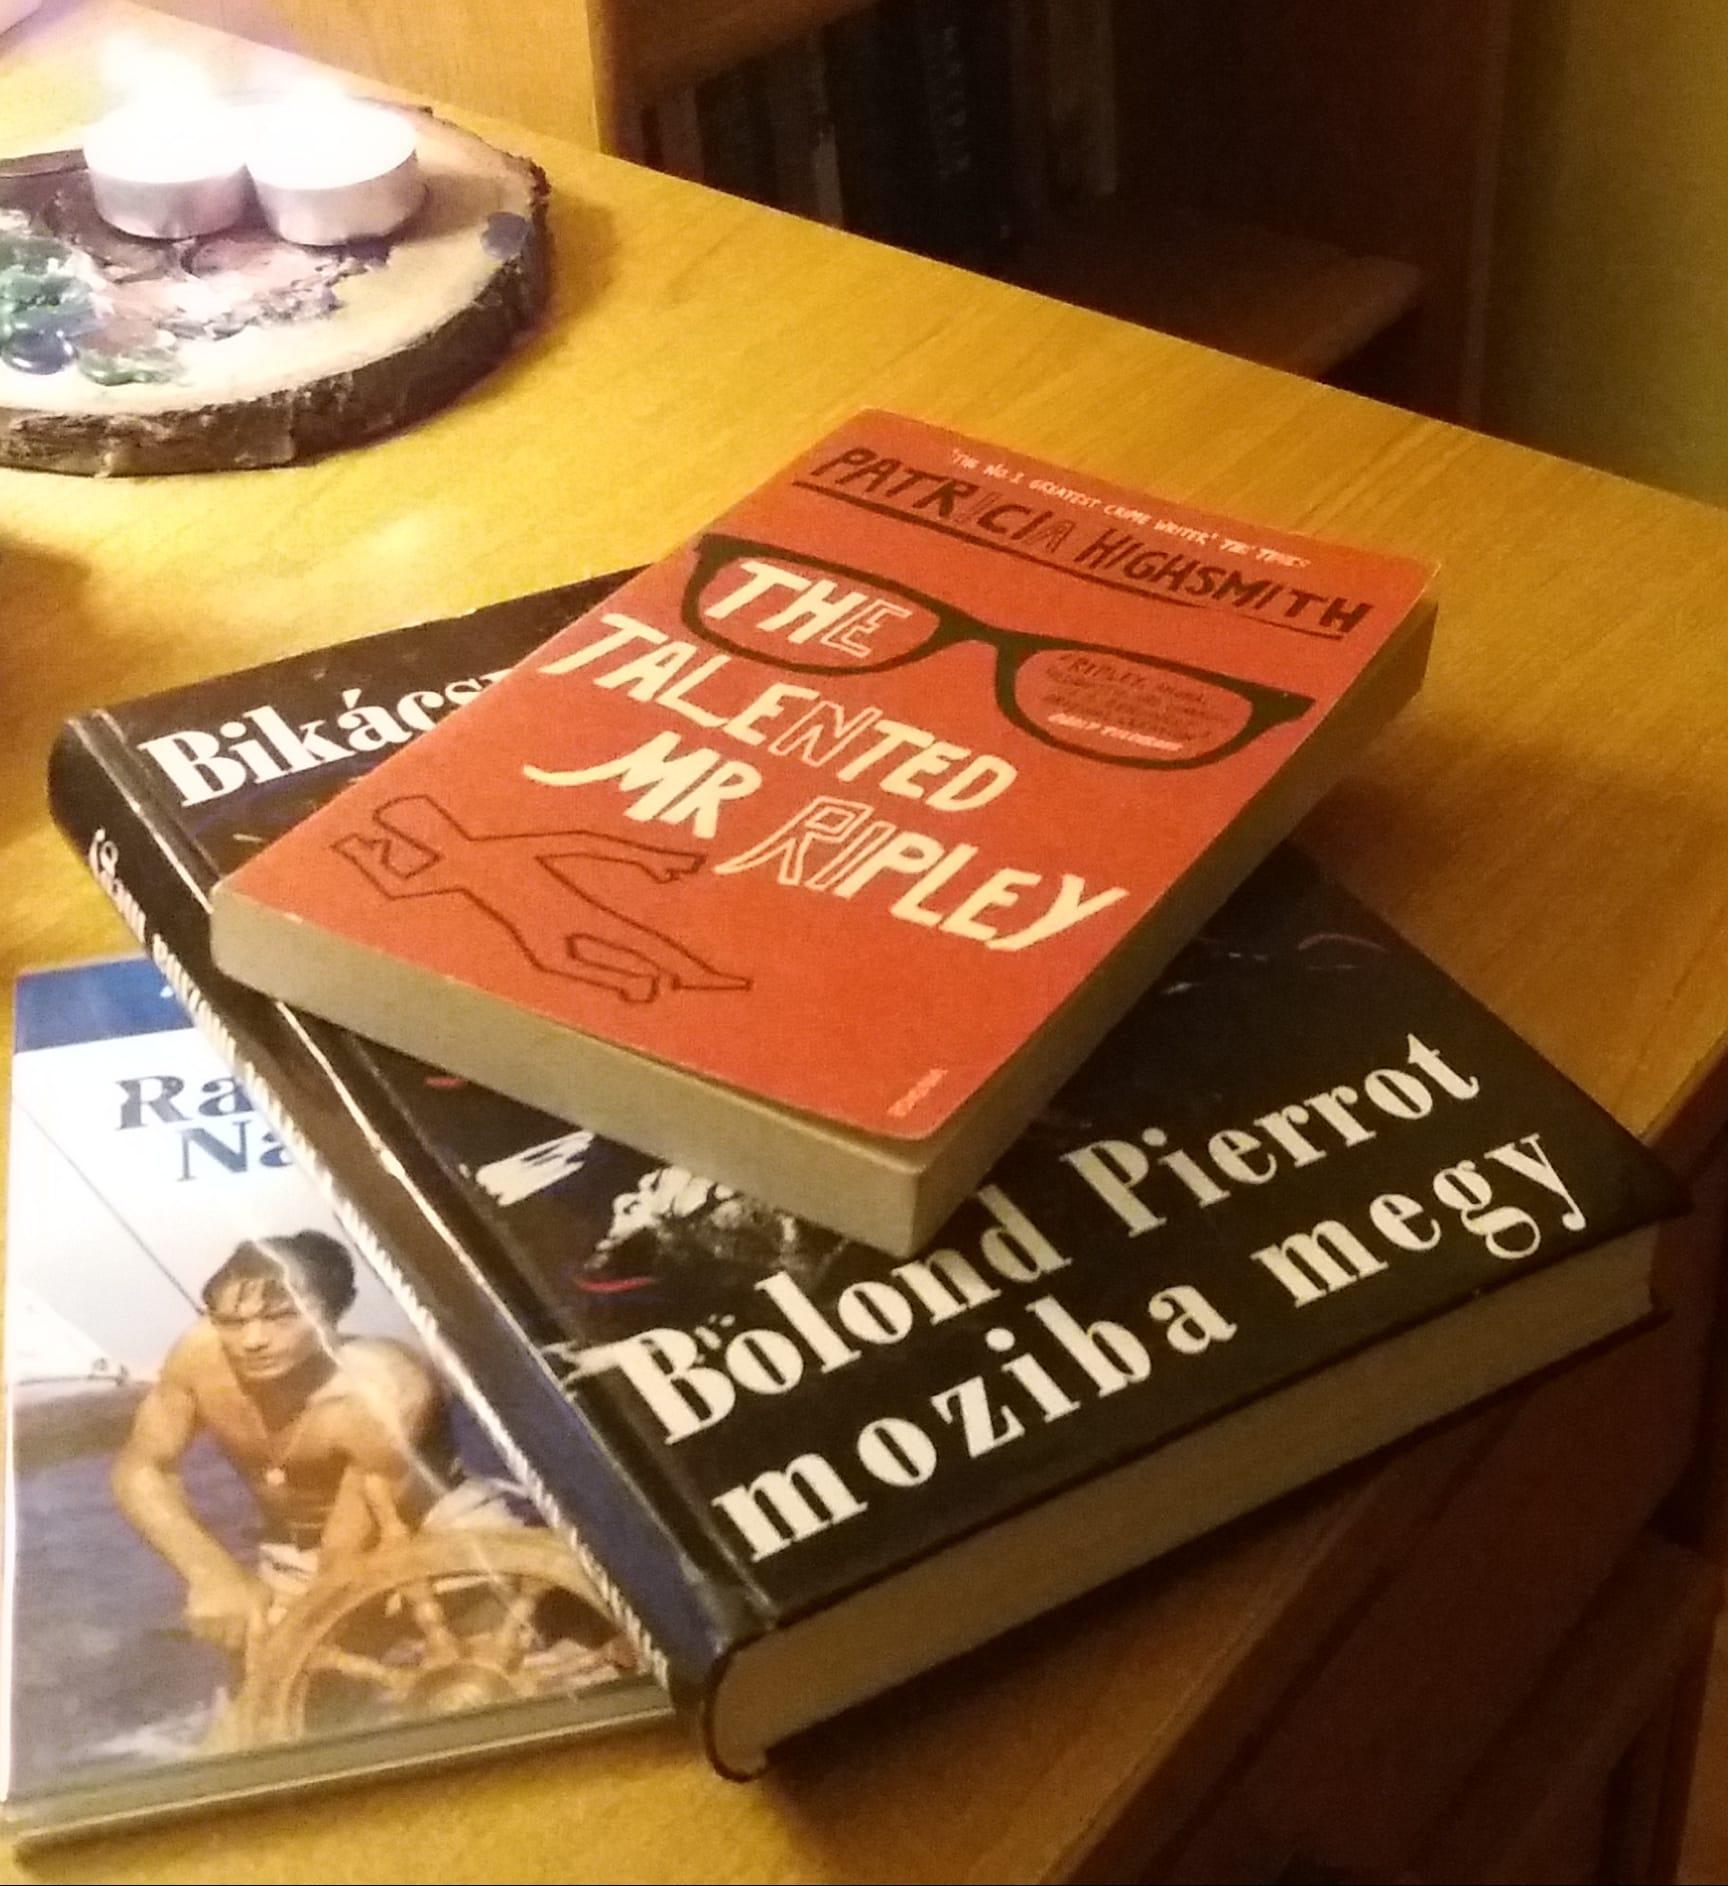 Patricia Highsmith (1921-1995) összesen 5 Ripley-regényt írt. A tehetséges Mr. Ripley volt az első, amelyet a Ripley a mélyben, a Ripley és a maffiózók, a The Boy Who Followed Ripley és a Ripley Under Water követett.